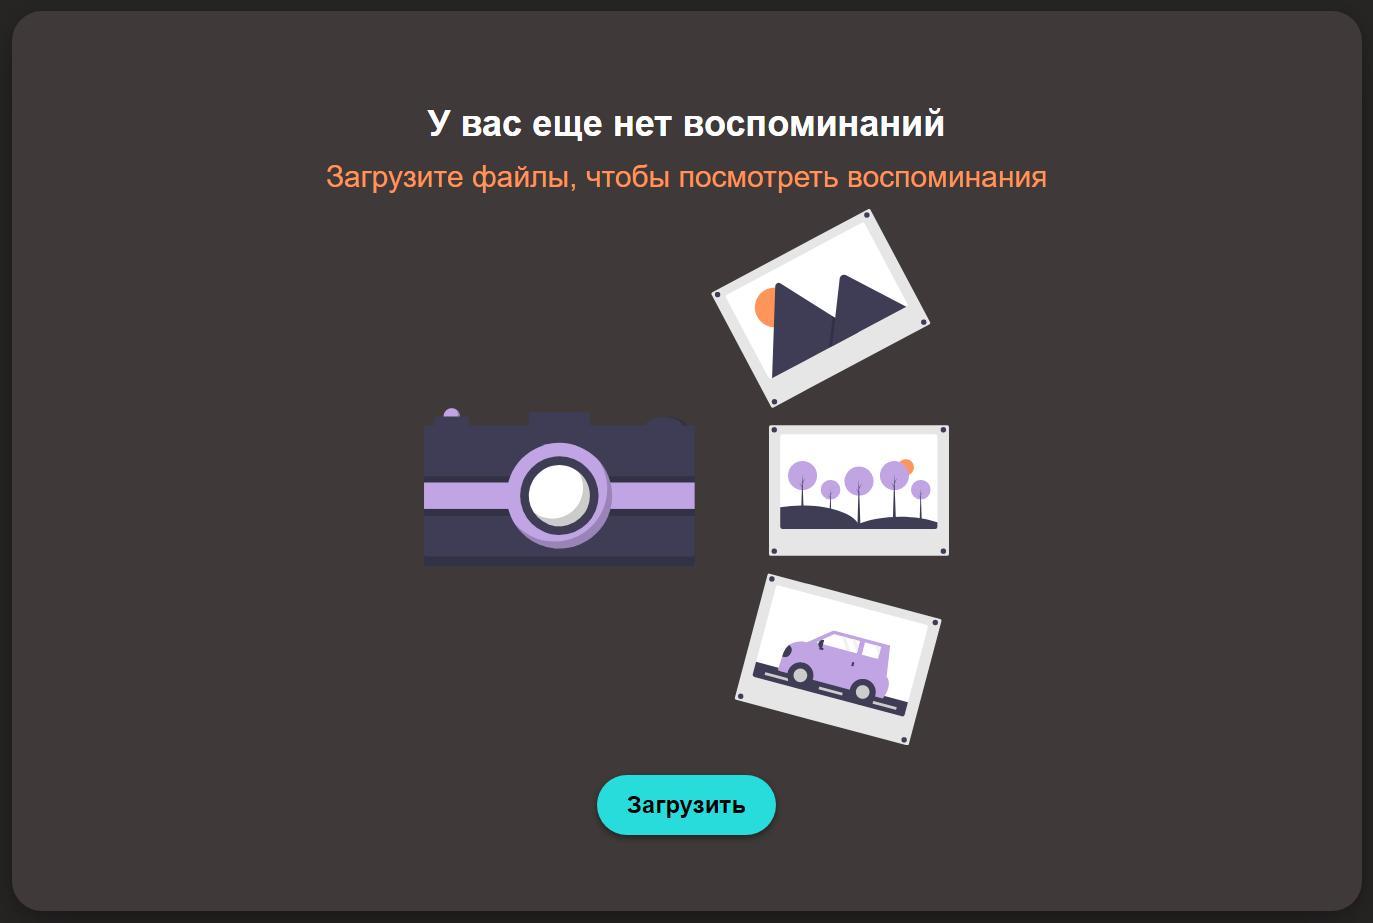 Получаем 100 Гбпространства воблаке для загрузки файлов ифото